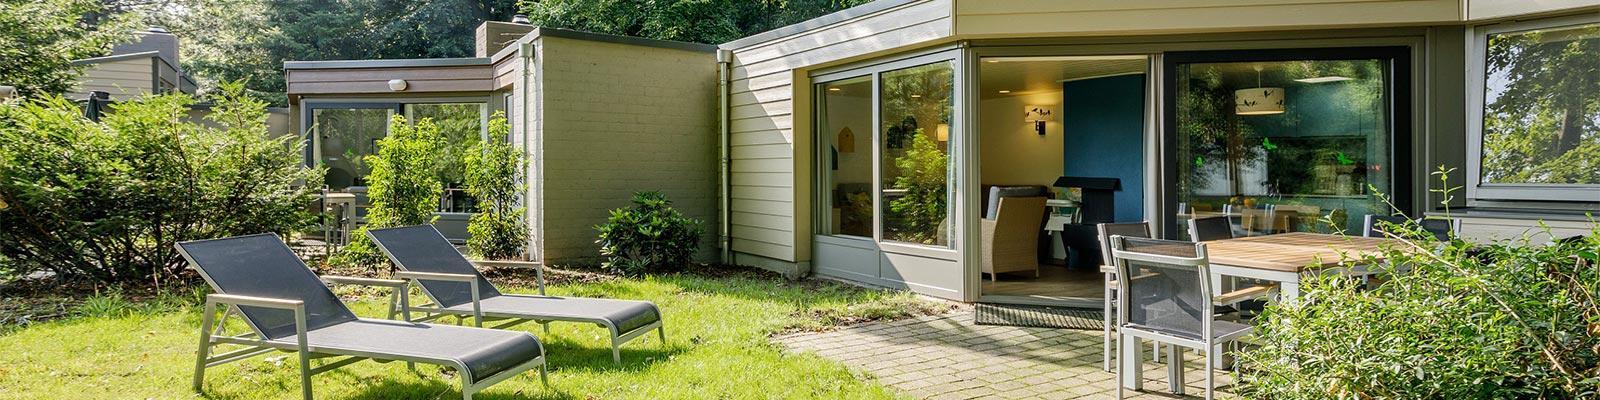 rolstoelvriendelijke bungalow